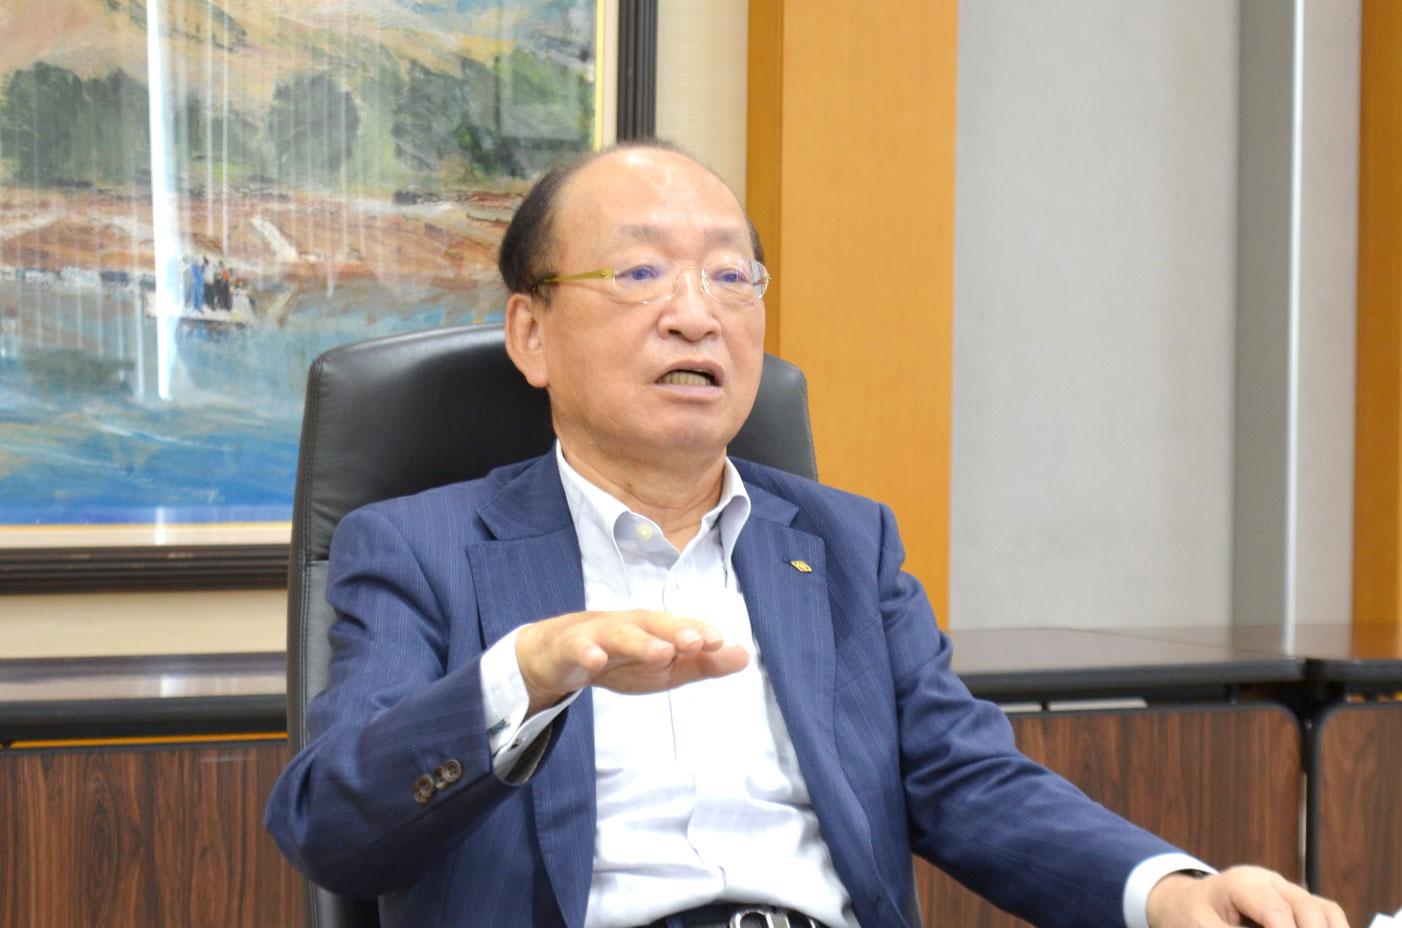 阪和興業の経営戦略-Post Coronaを見据え― 古川弘成社長インタビュー 内外投資成果刈り取る 経常益500億円 長期的ロードマップ描く